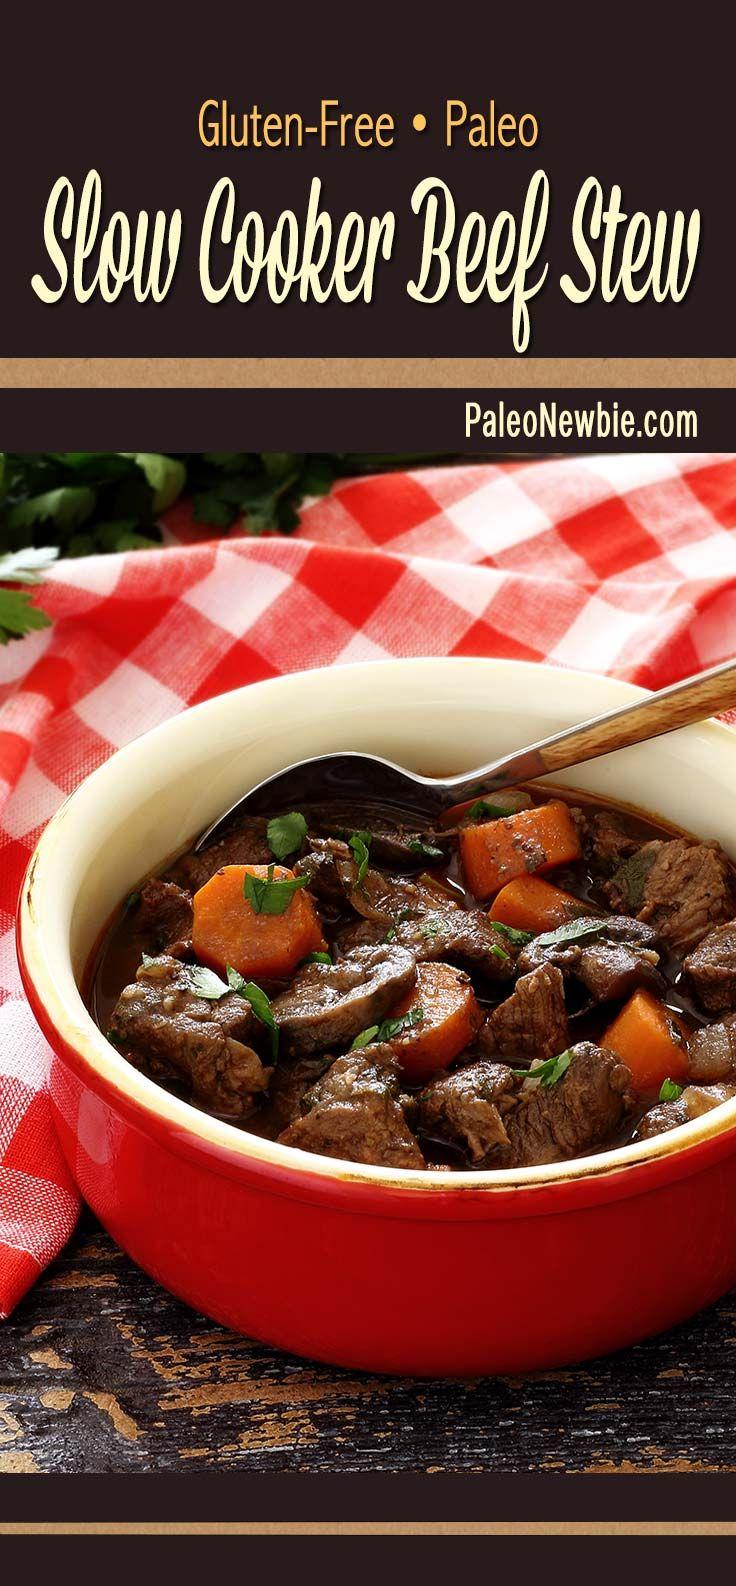 Slow Cooker Paleo Beef Stew Recept Crockpot Recepten Paleo Recepten Slowcooking